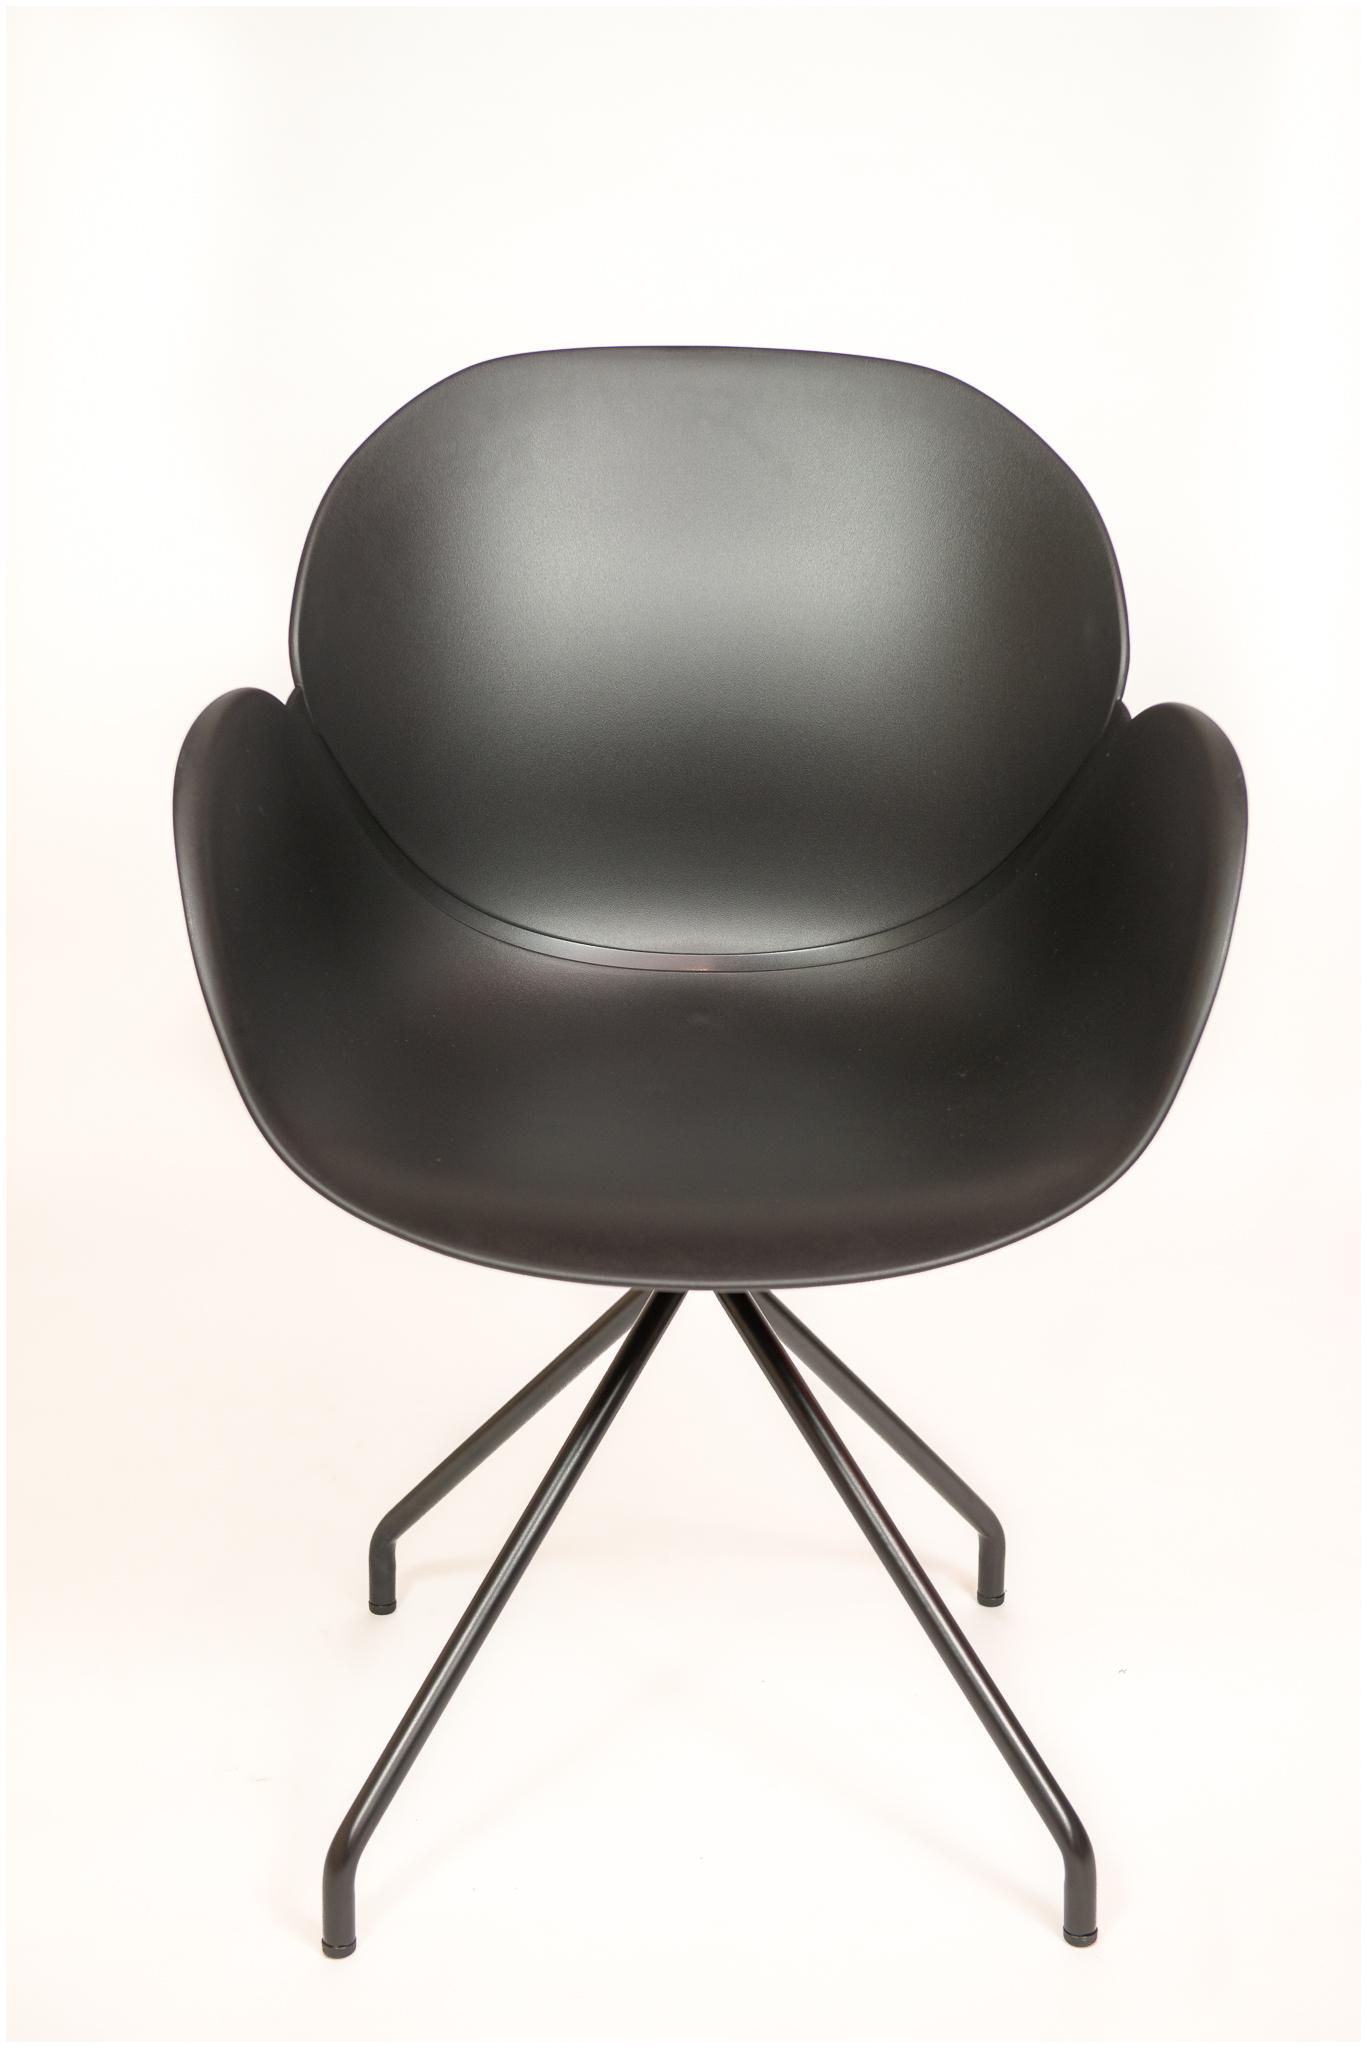 Barkruk stoel fabulous stoel barkruk oscar atelier for Bauhaus stoel leer